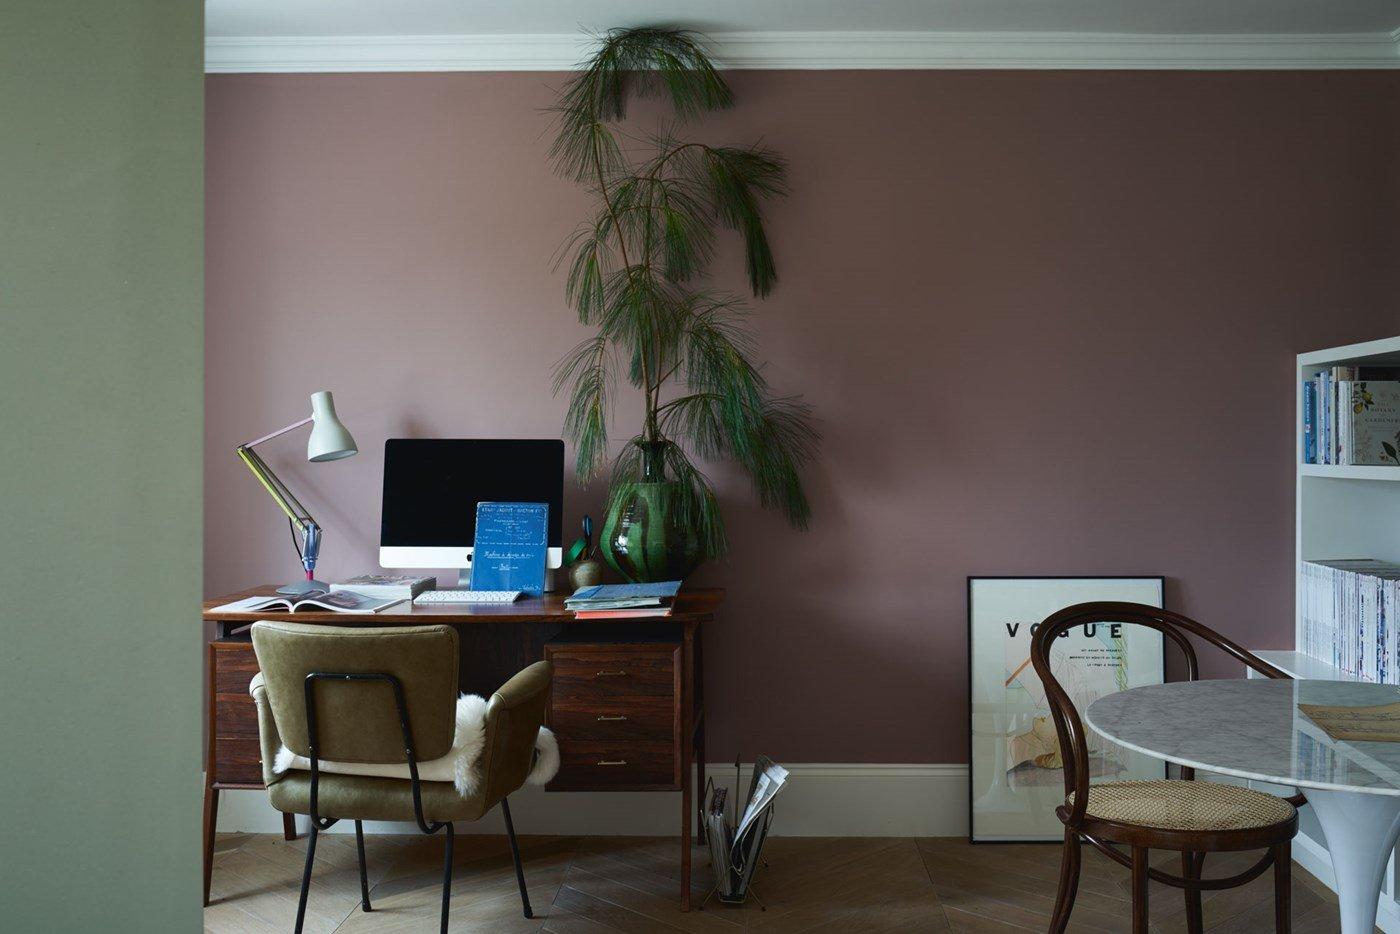 farrow-ball-inspo-sulkingroom-and-trerongreen